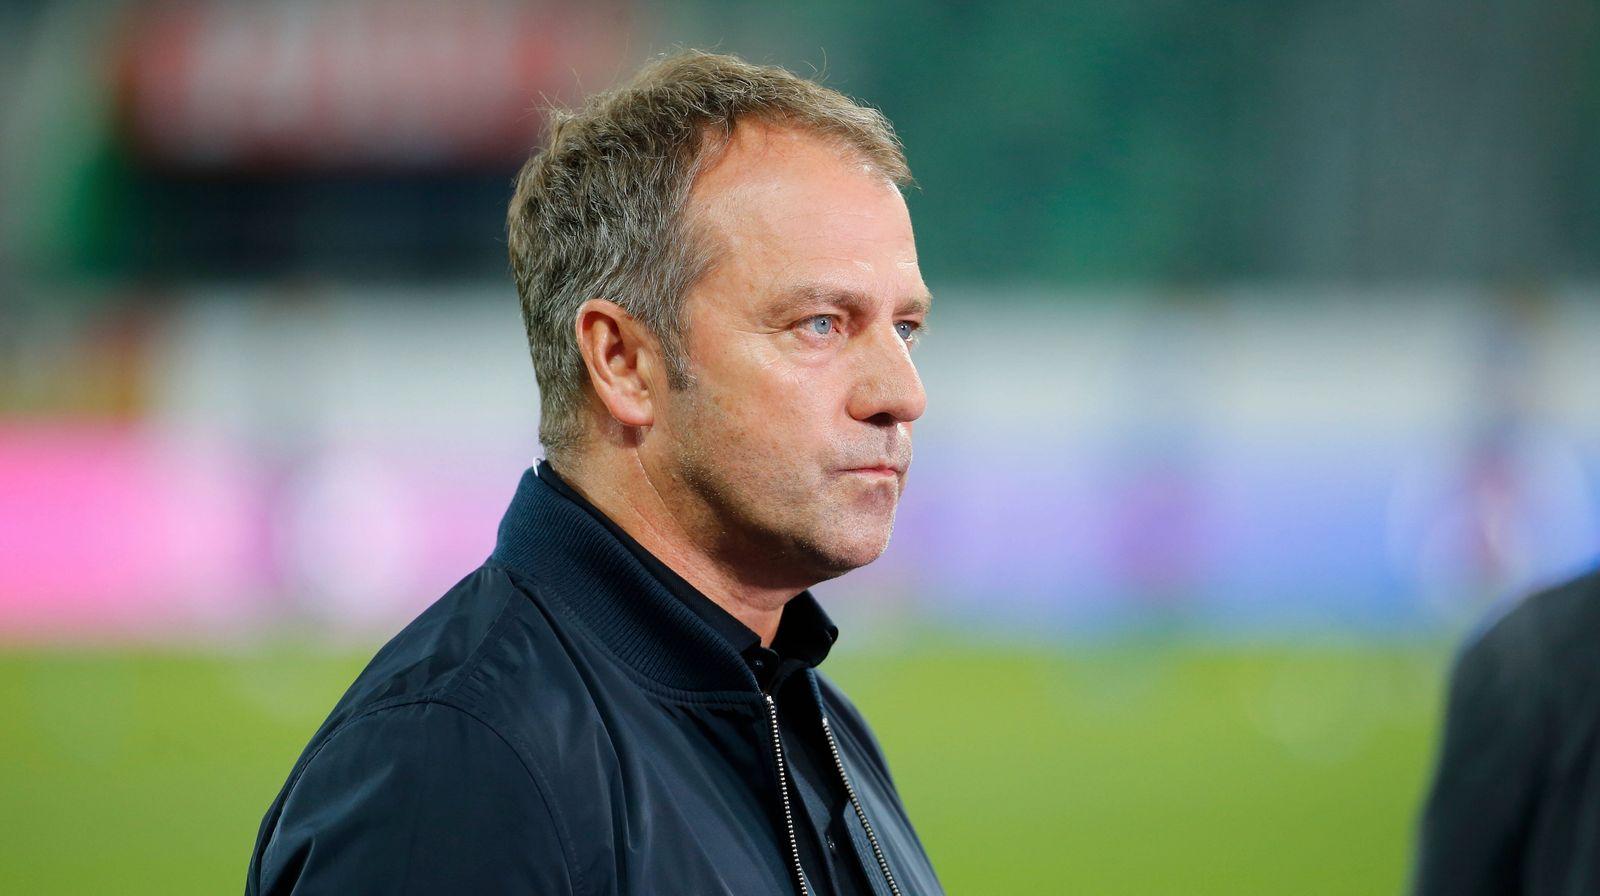 Foto Manuel Geisser 02.09.2021 St.Gallen : Kybunpark St. Gallen Saison 2021/2022 Herren Fussball WM Qualifikationsspiel